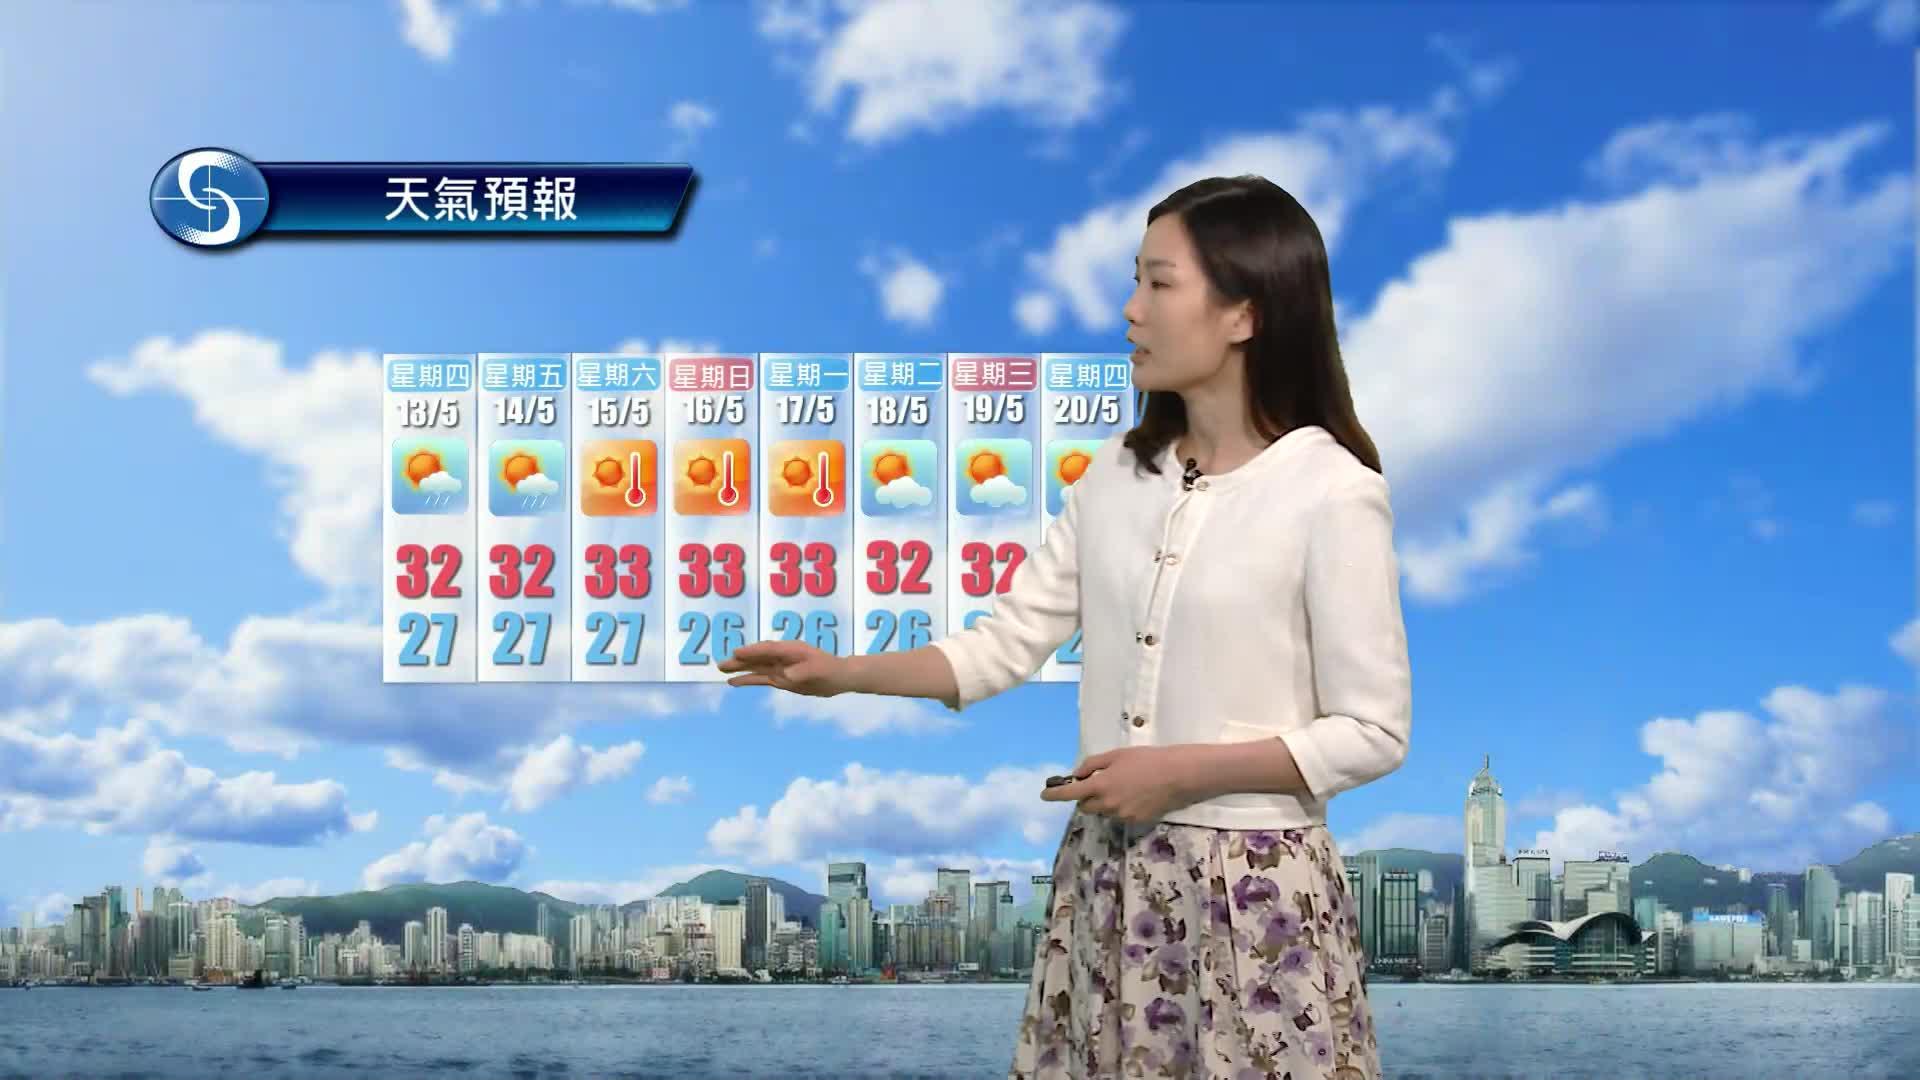 早晨天氣節目(05月12日上午7時) - 科學主任李鳳瑩